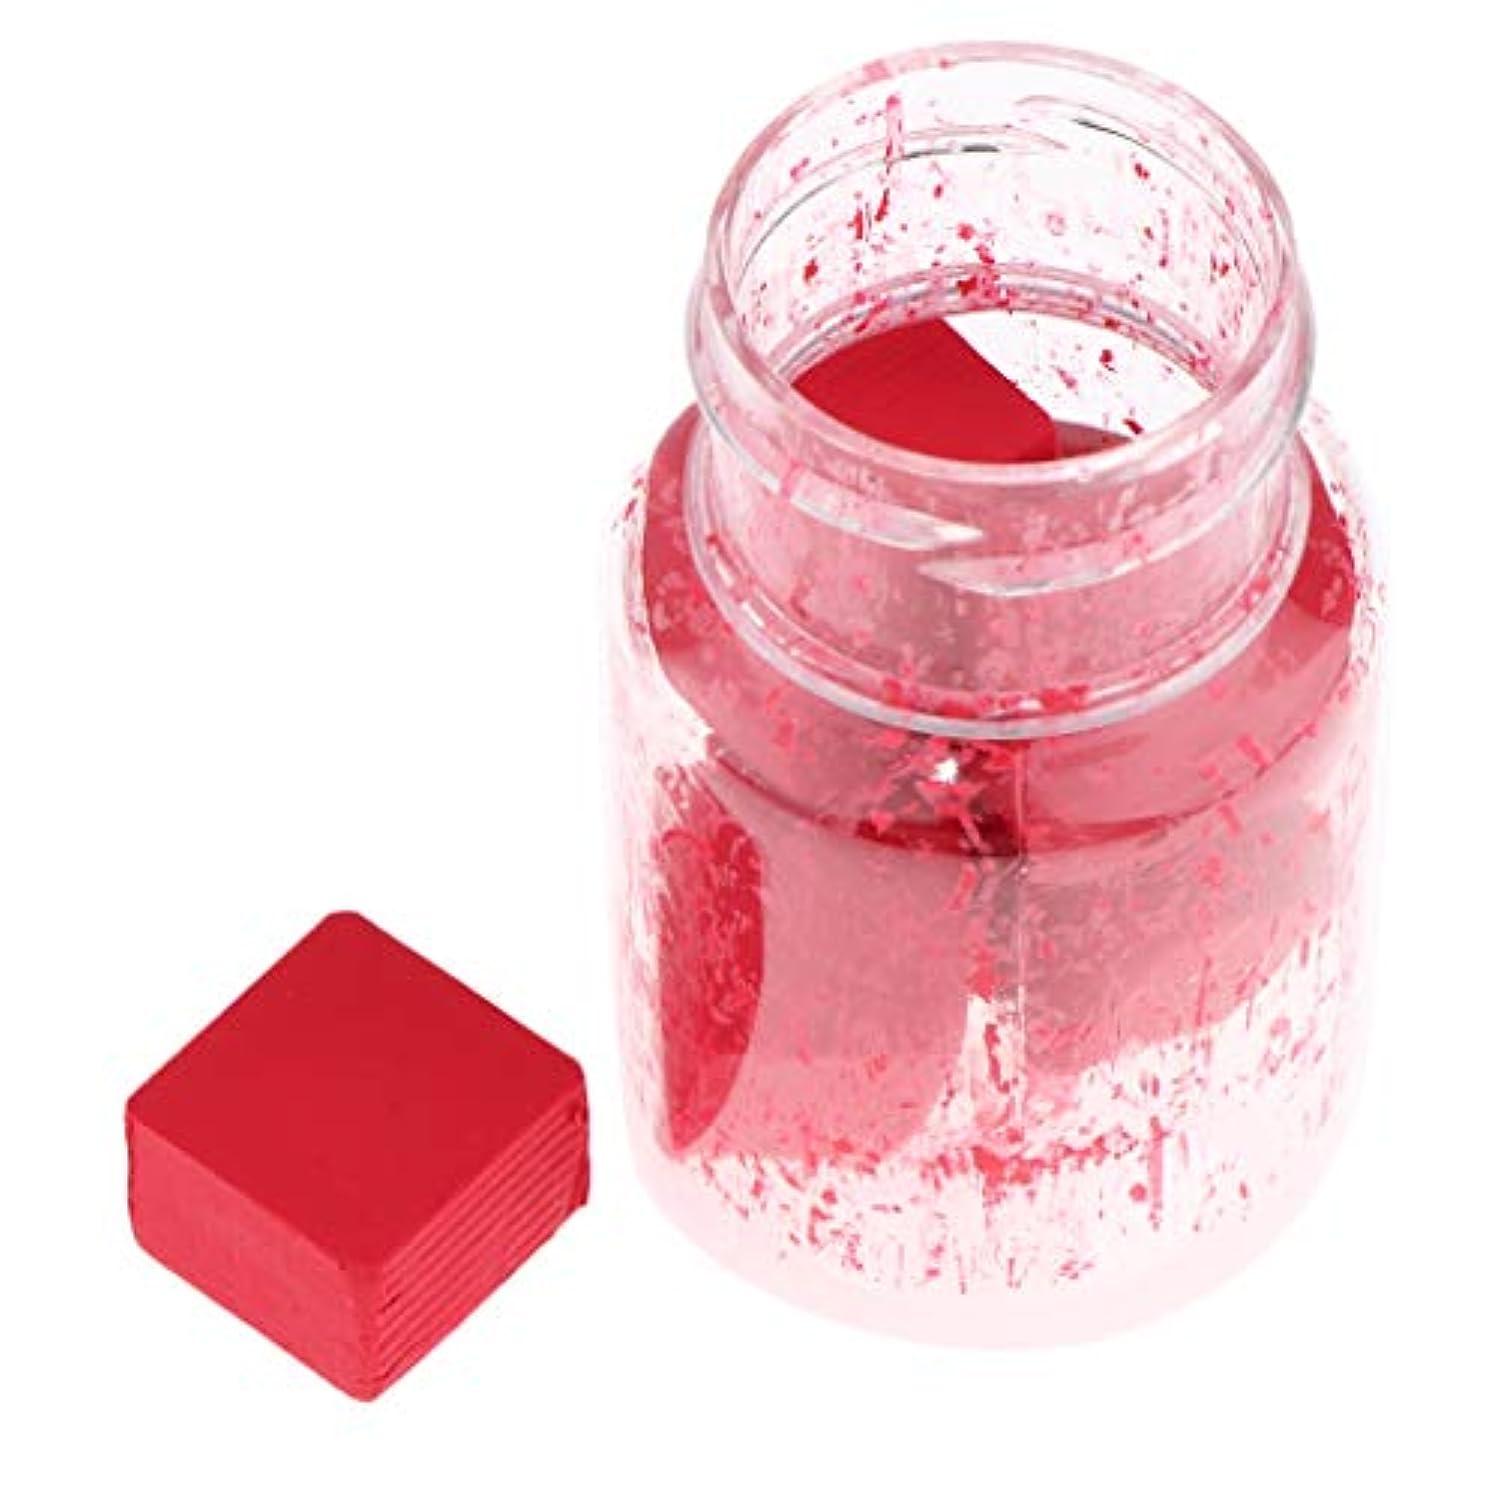 ドーム残基薬理学T TOOYFUL DIY 口紅作り リップスティック材料 リップライナー顔料 2g DIY化粧品 9色選択でき - B